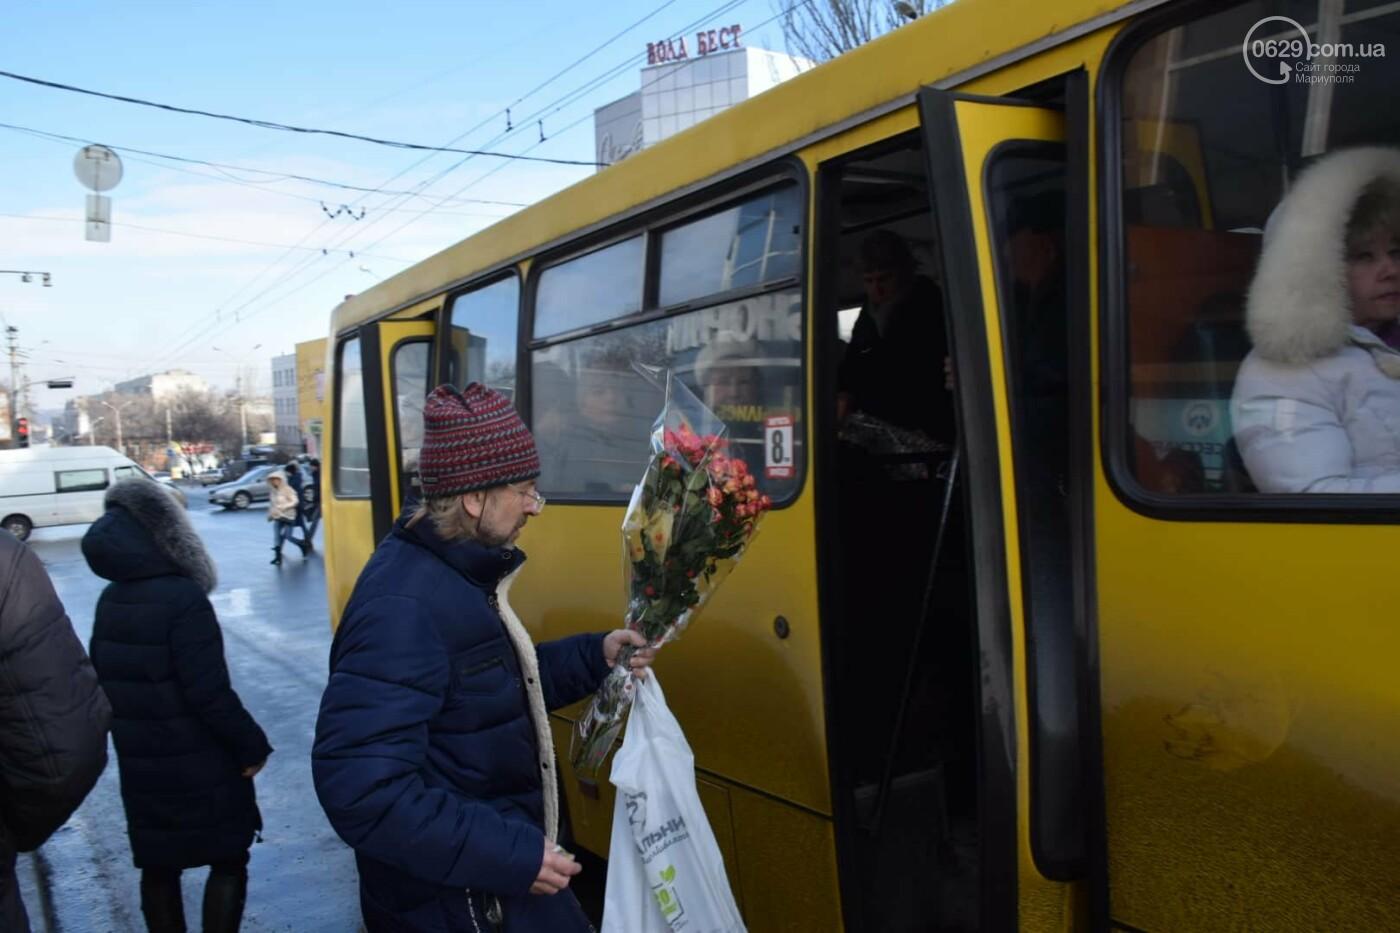 День Святого Валентина в Мариуполе: цветы, шары и мужчины-романтики, - ФОТОРЕПОРТАЖ, фото-29